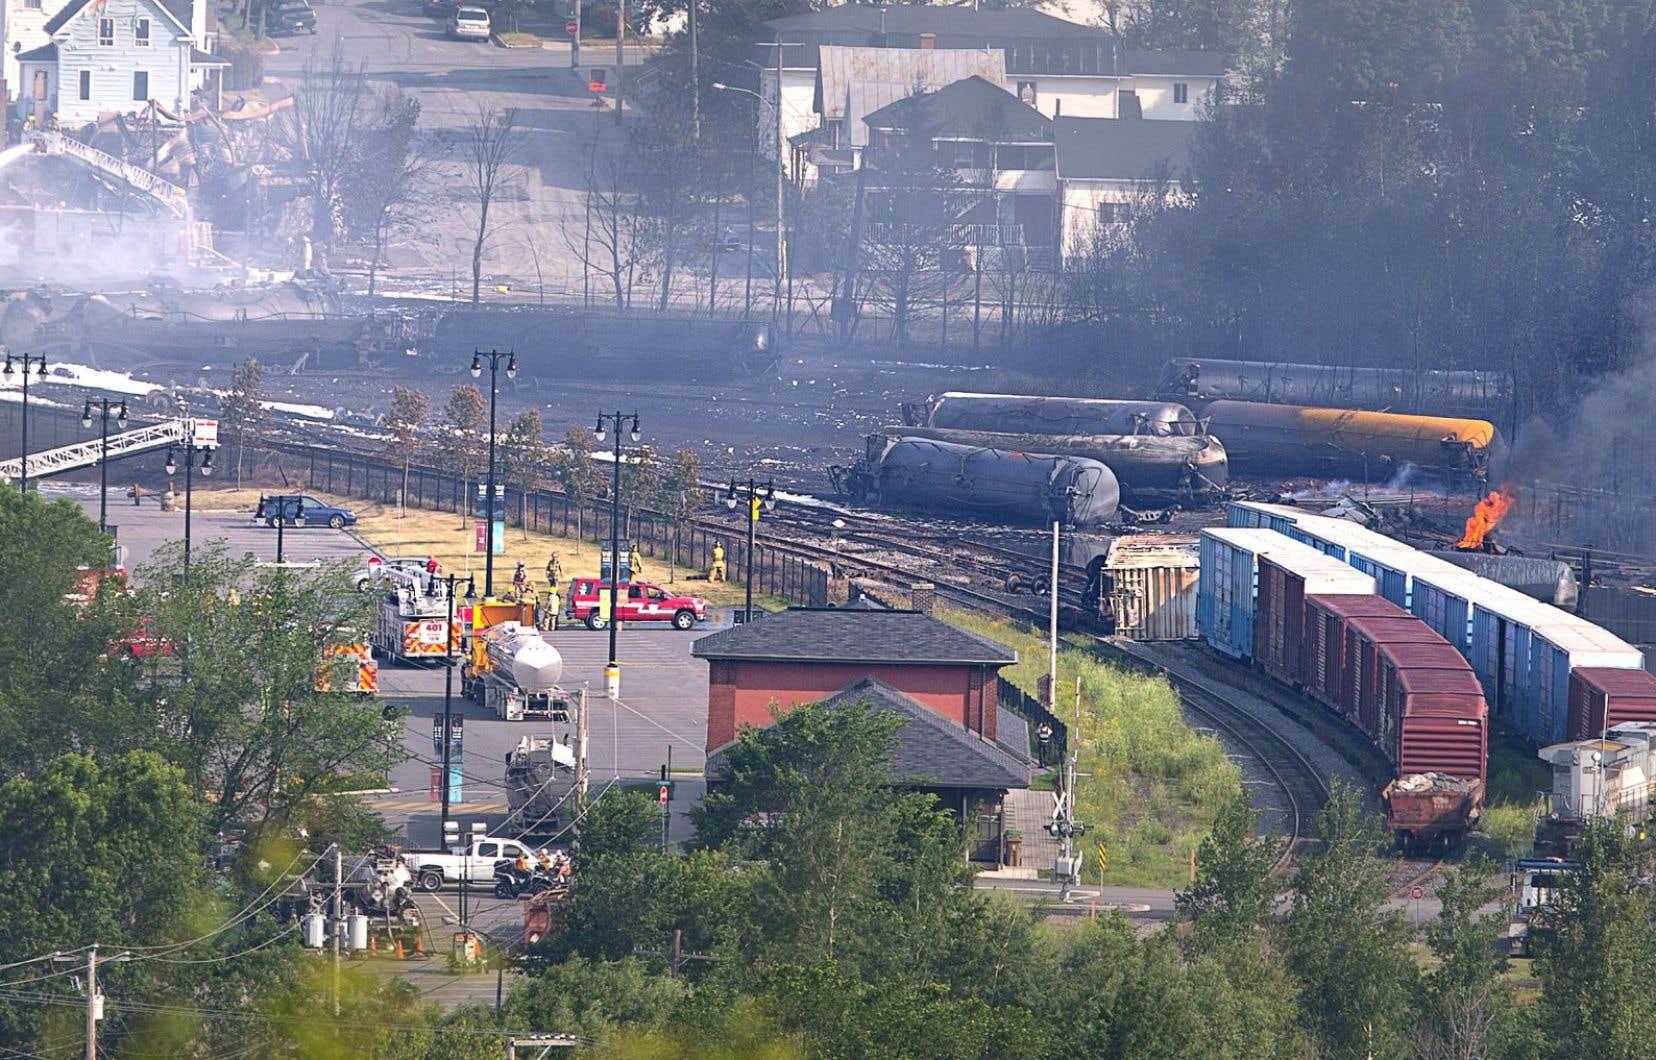 Une voie ferrée de contournement permettrait d'éviter une fois pour toutes le passage de convois de produits dangereux en plein cœur de cette municipalité traumatisée par la tragédie de juillet2013.